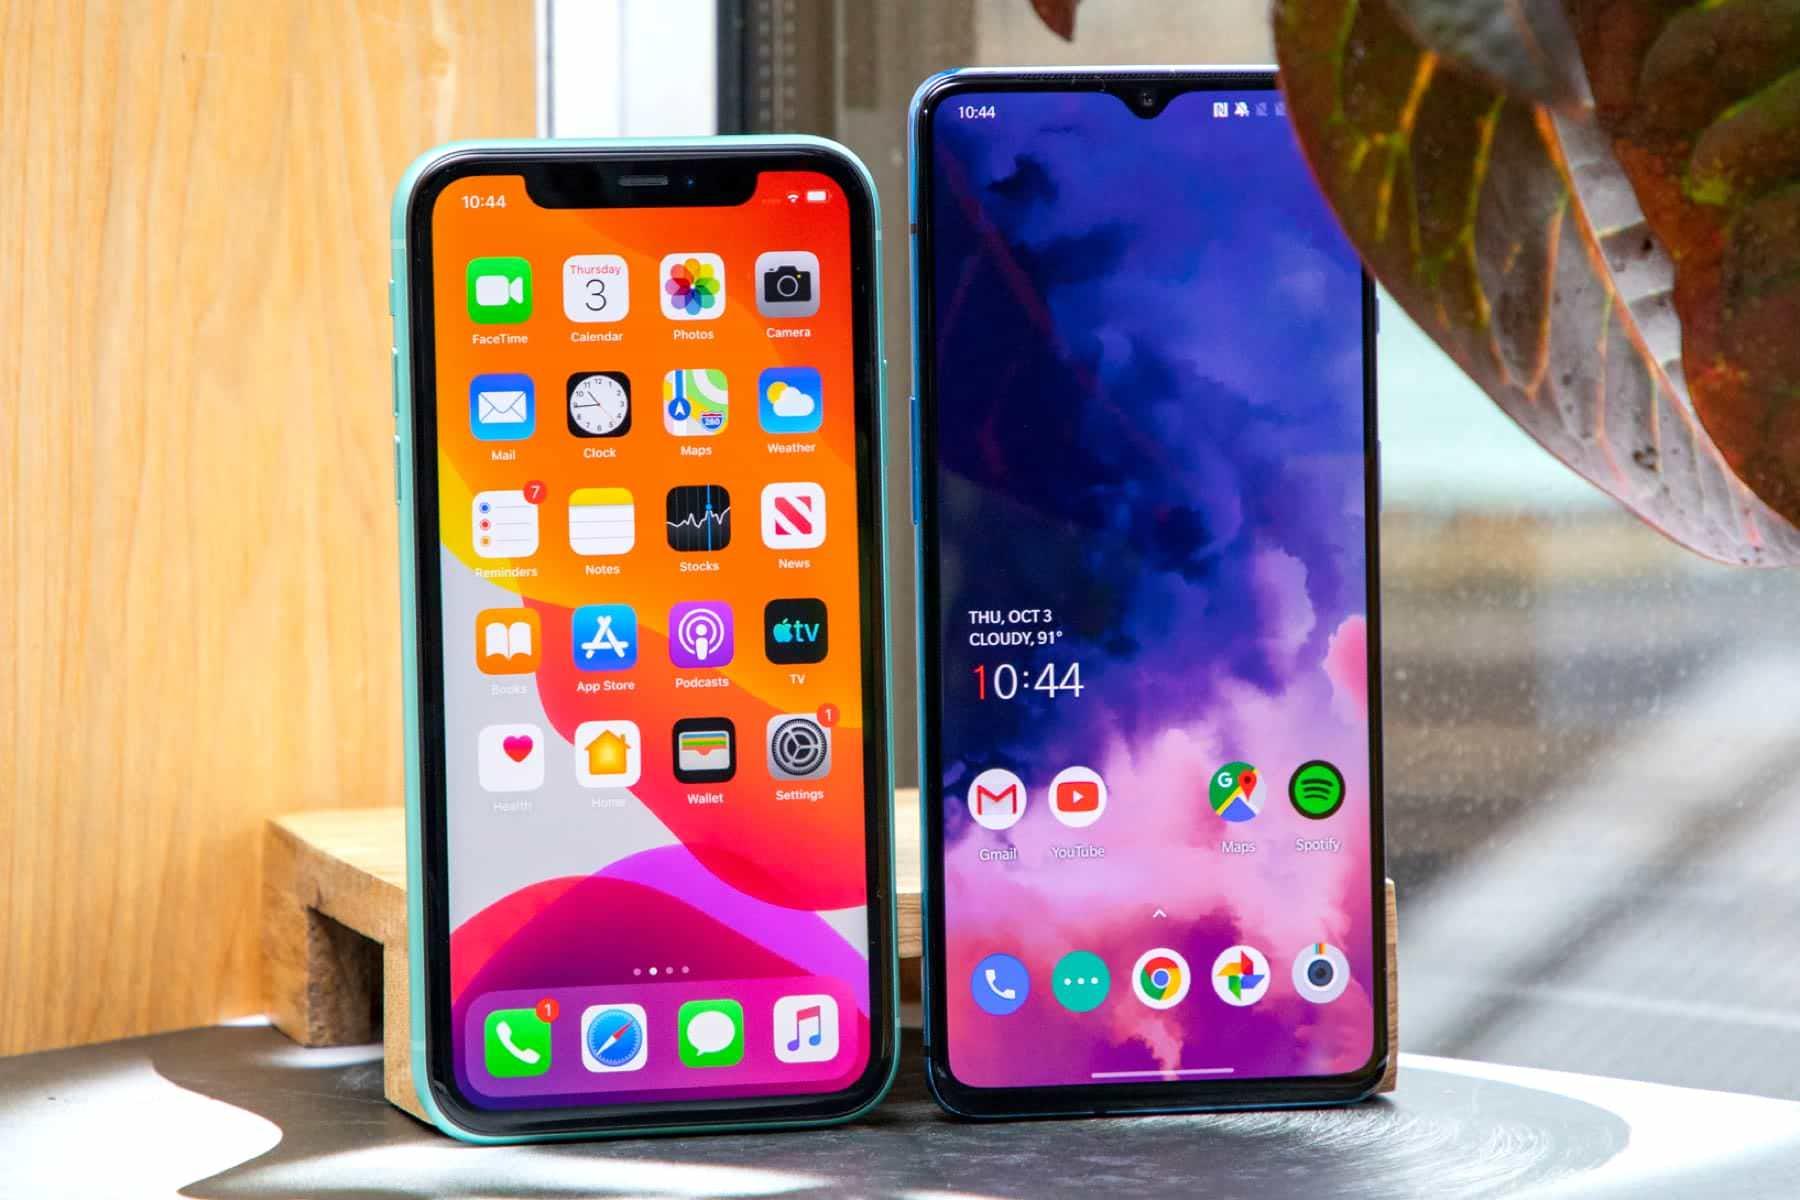 «МТС» и «МегаФон» до 31 декабря запустили бесплатный обмен старых смартфонов на новые